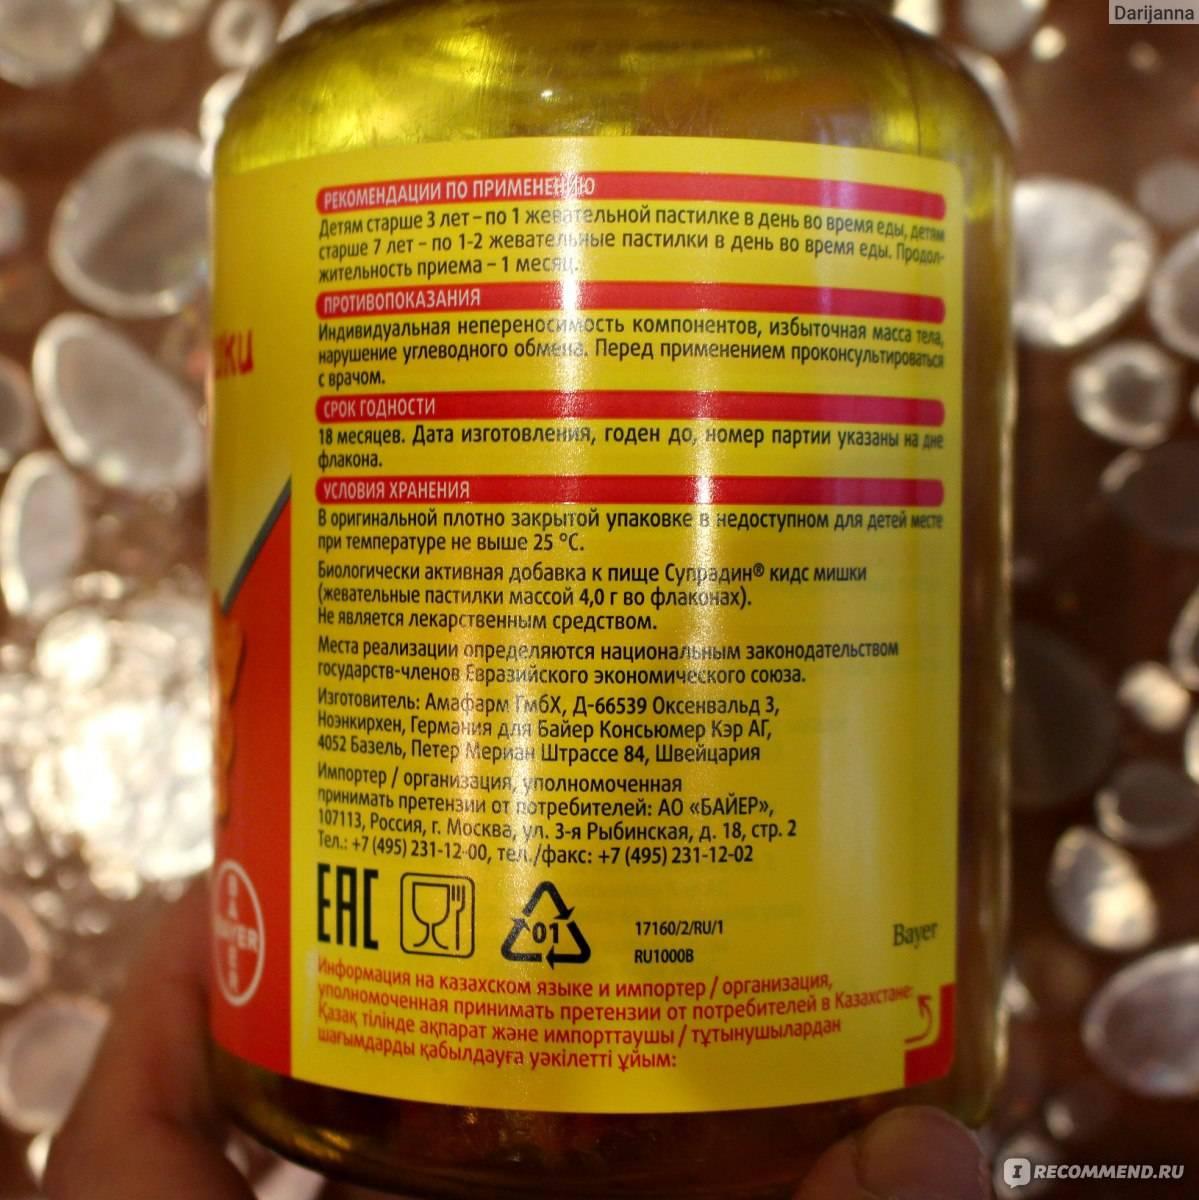 Витамишки: инструкция, отзывы, аналоги, цена в аптеках - медицинский портал medcentre24.ru